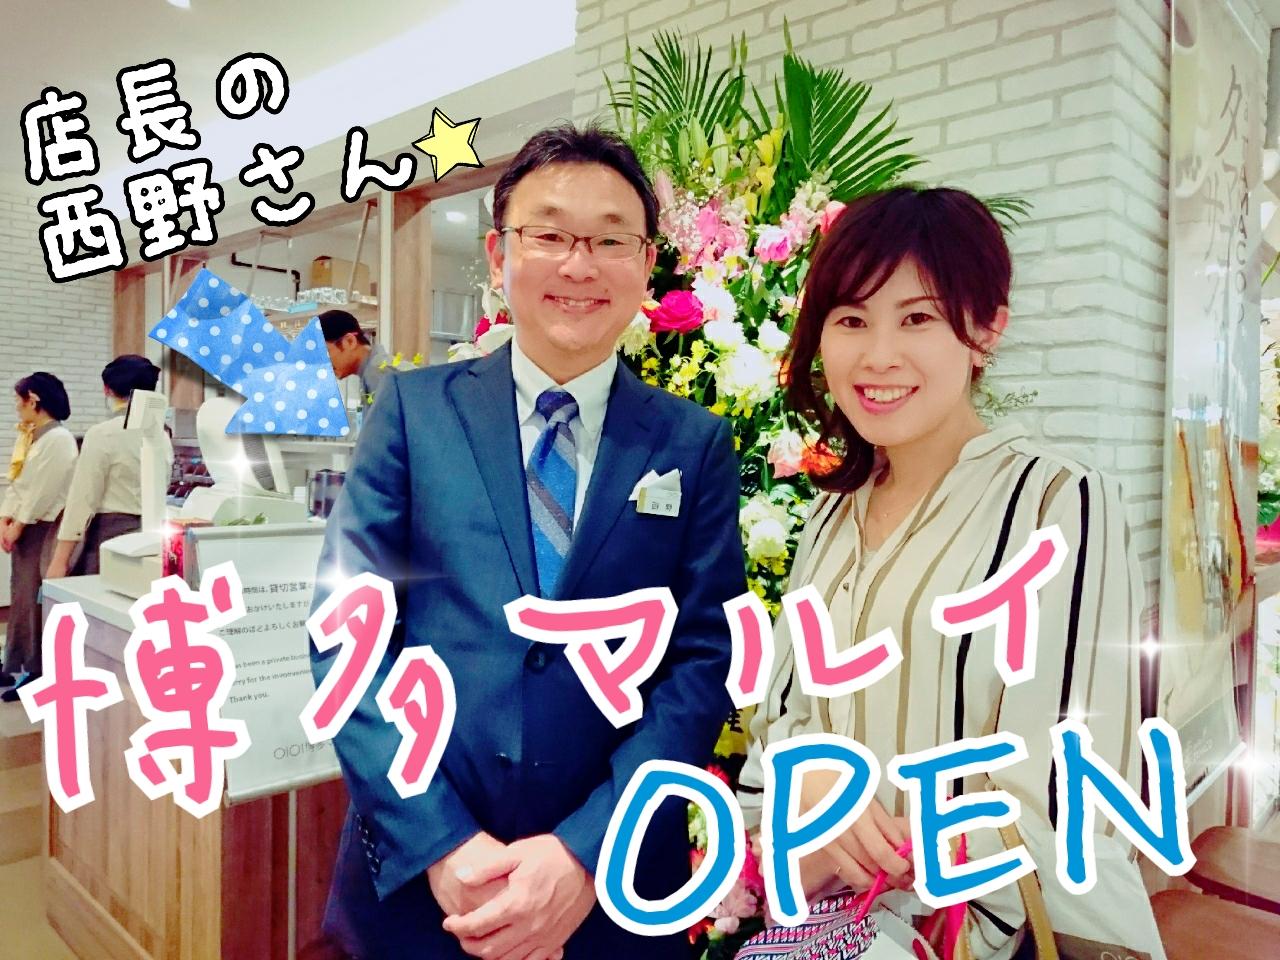 本日(4/21)オープン!!博多マルイの内覧会に潜入♡